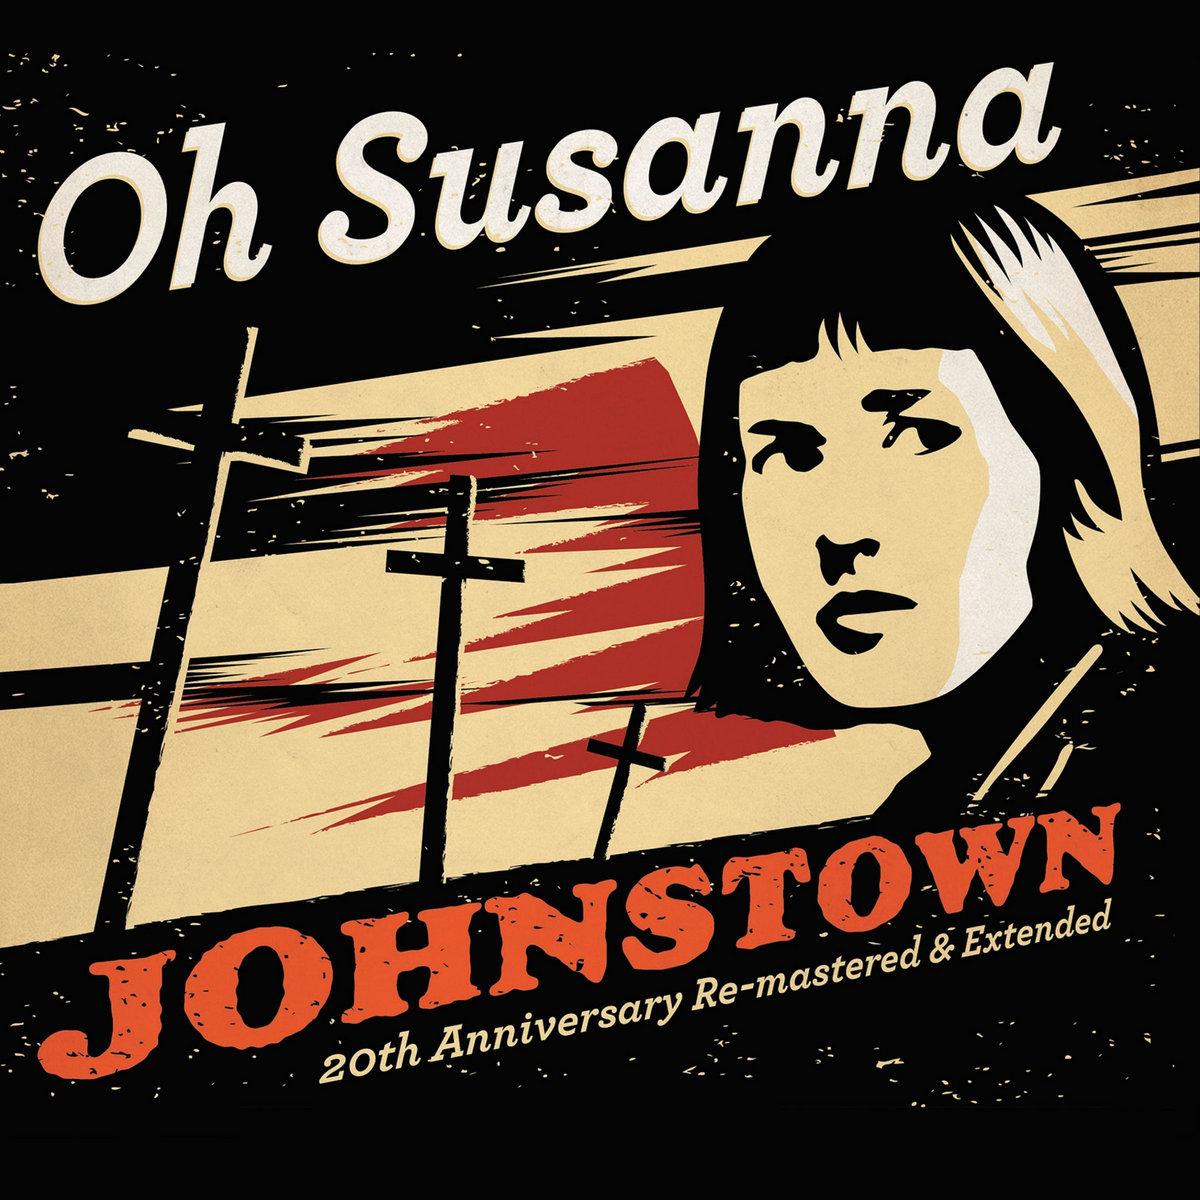 Afbeeldingsresultaat voor amazon oh susanna johnstown remastered